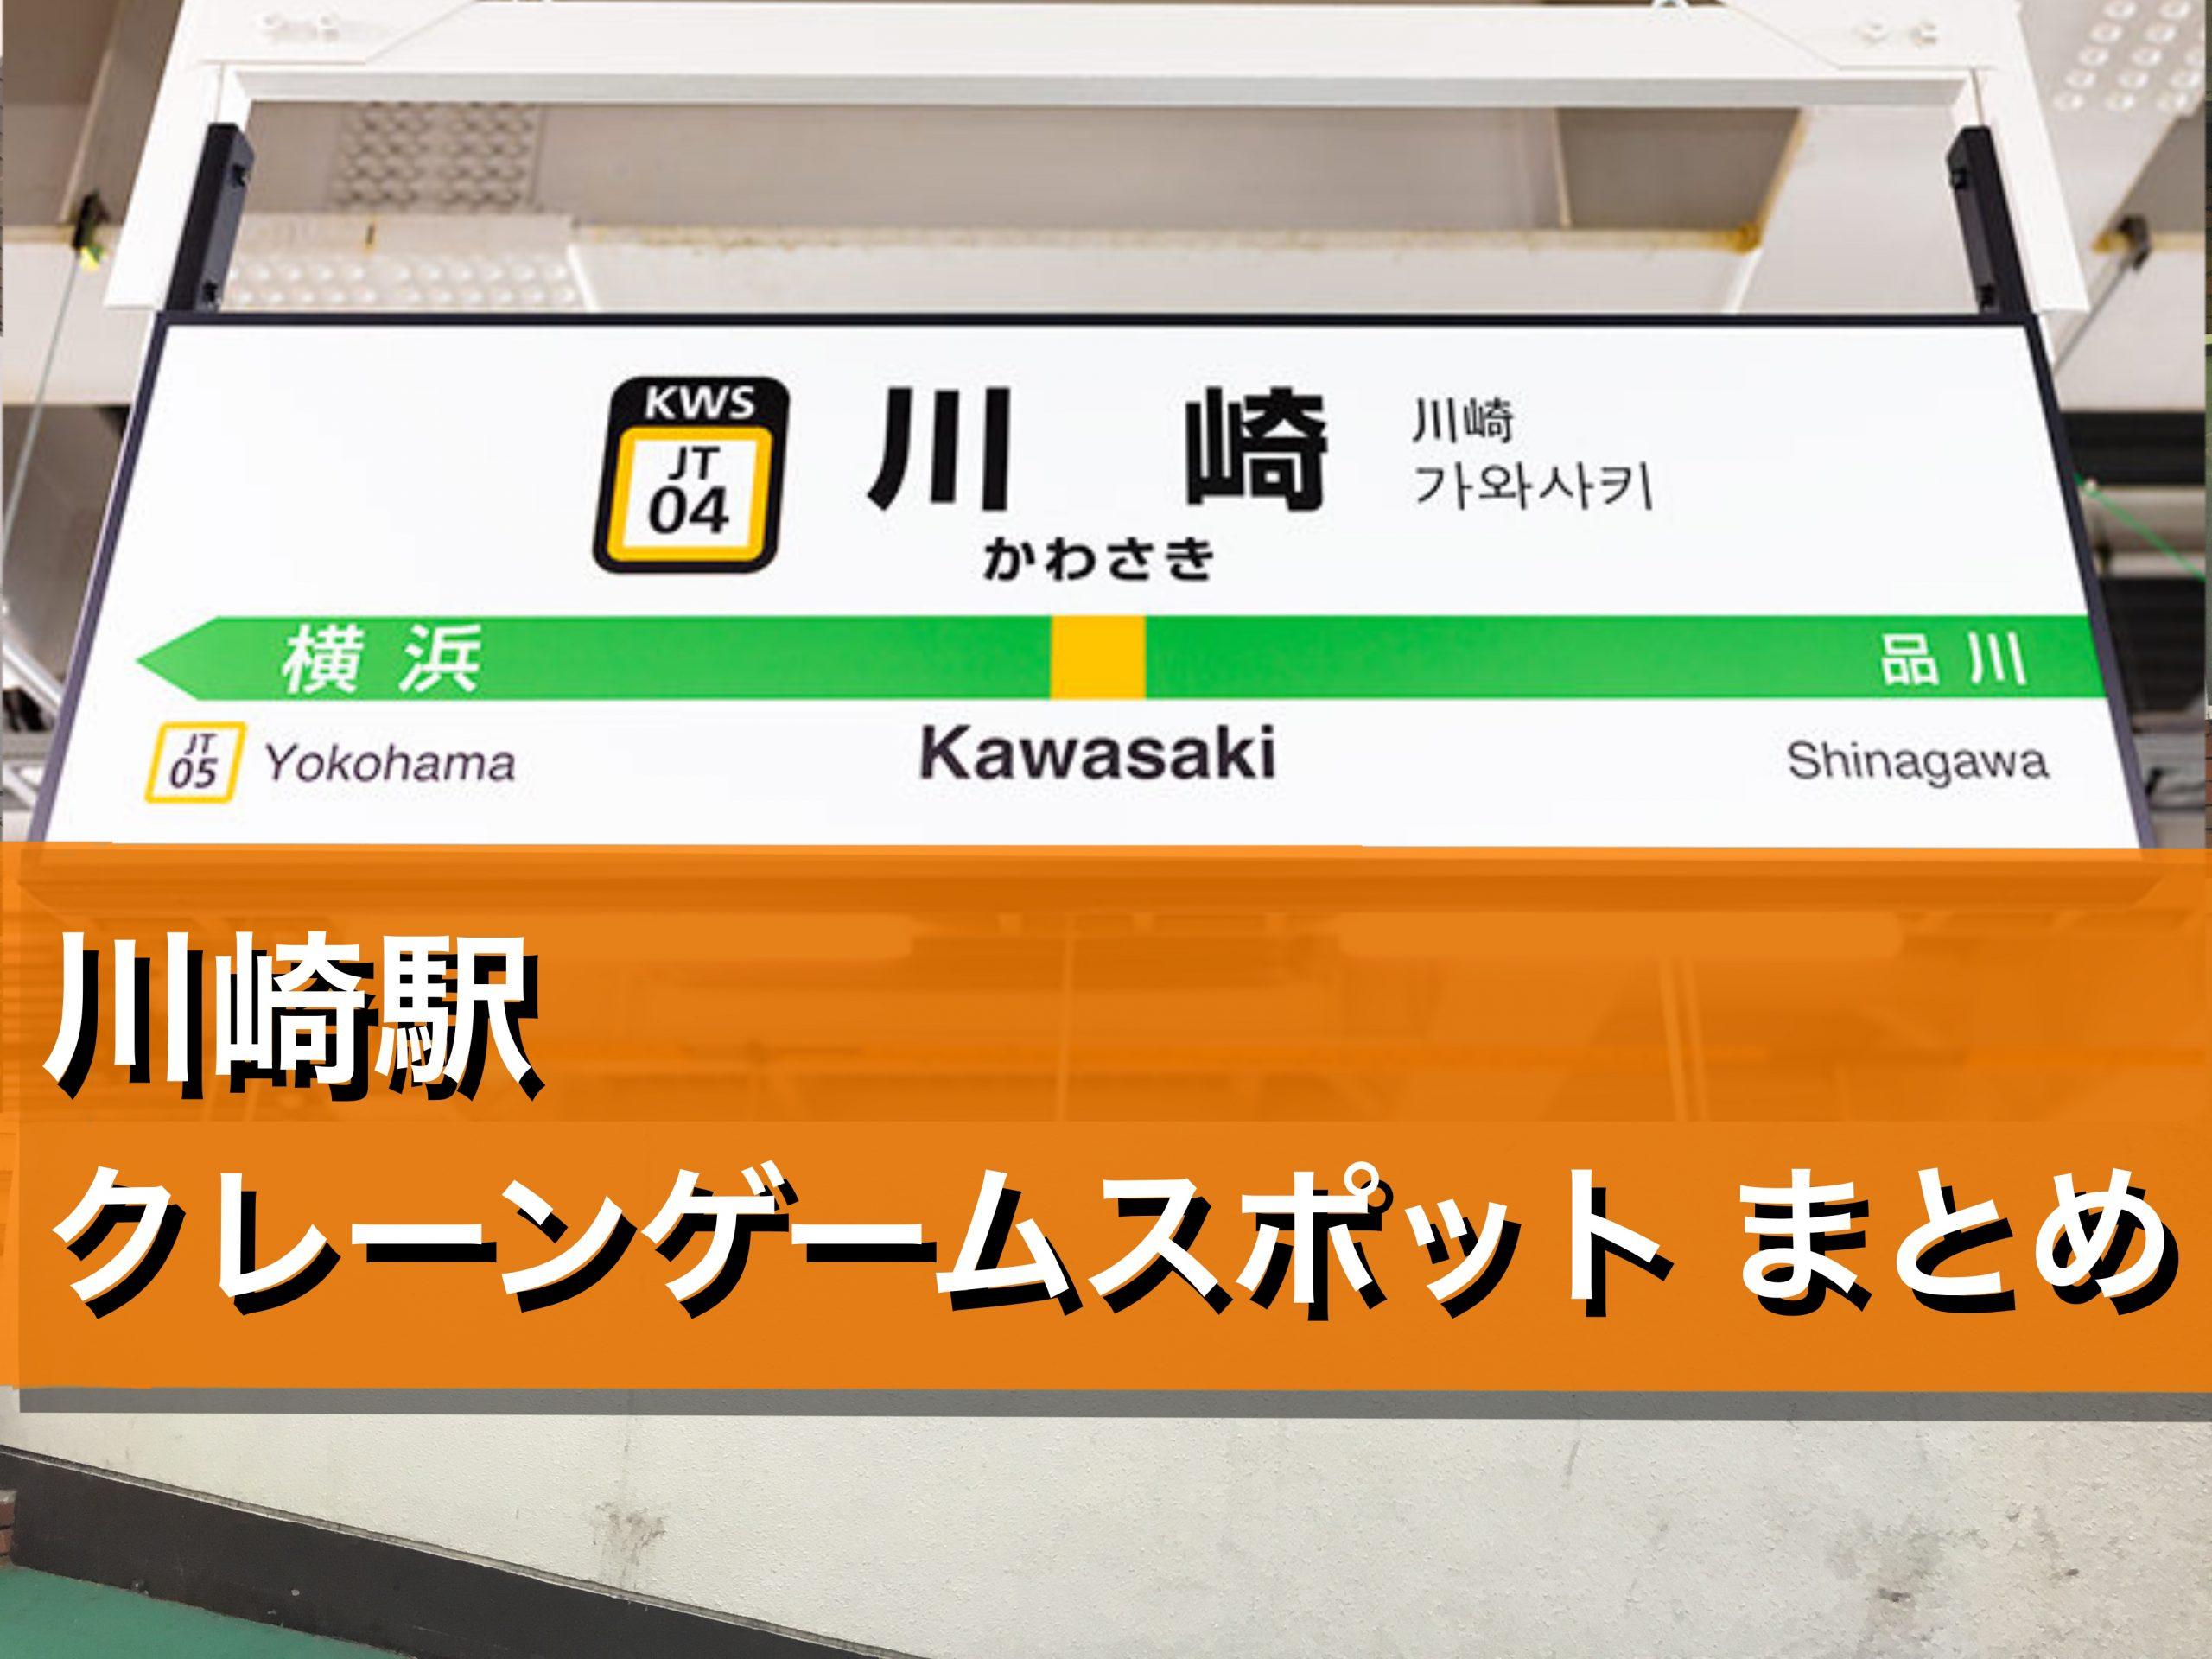 【川崎駅】クレーンゲームができる場所